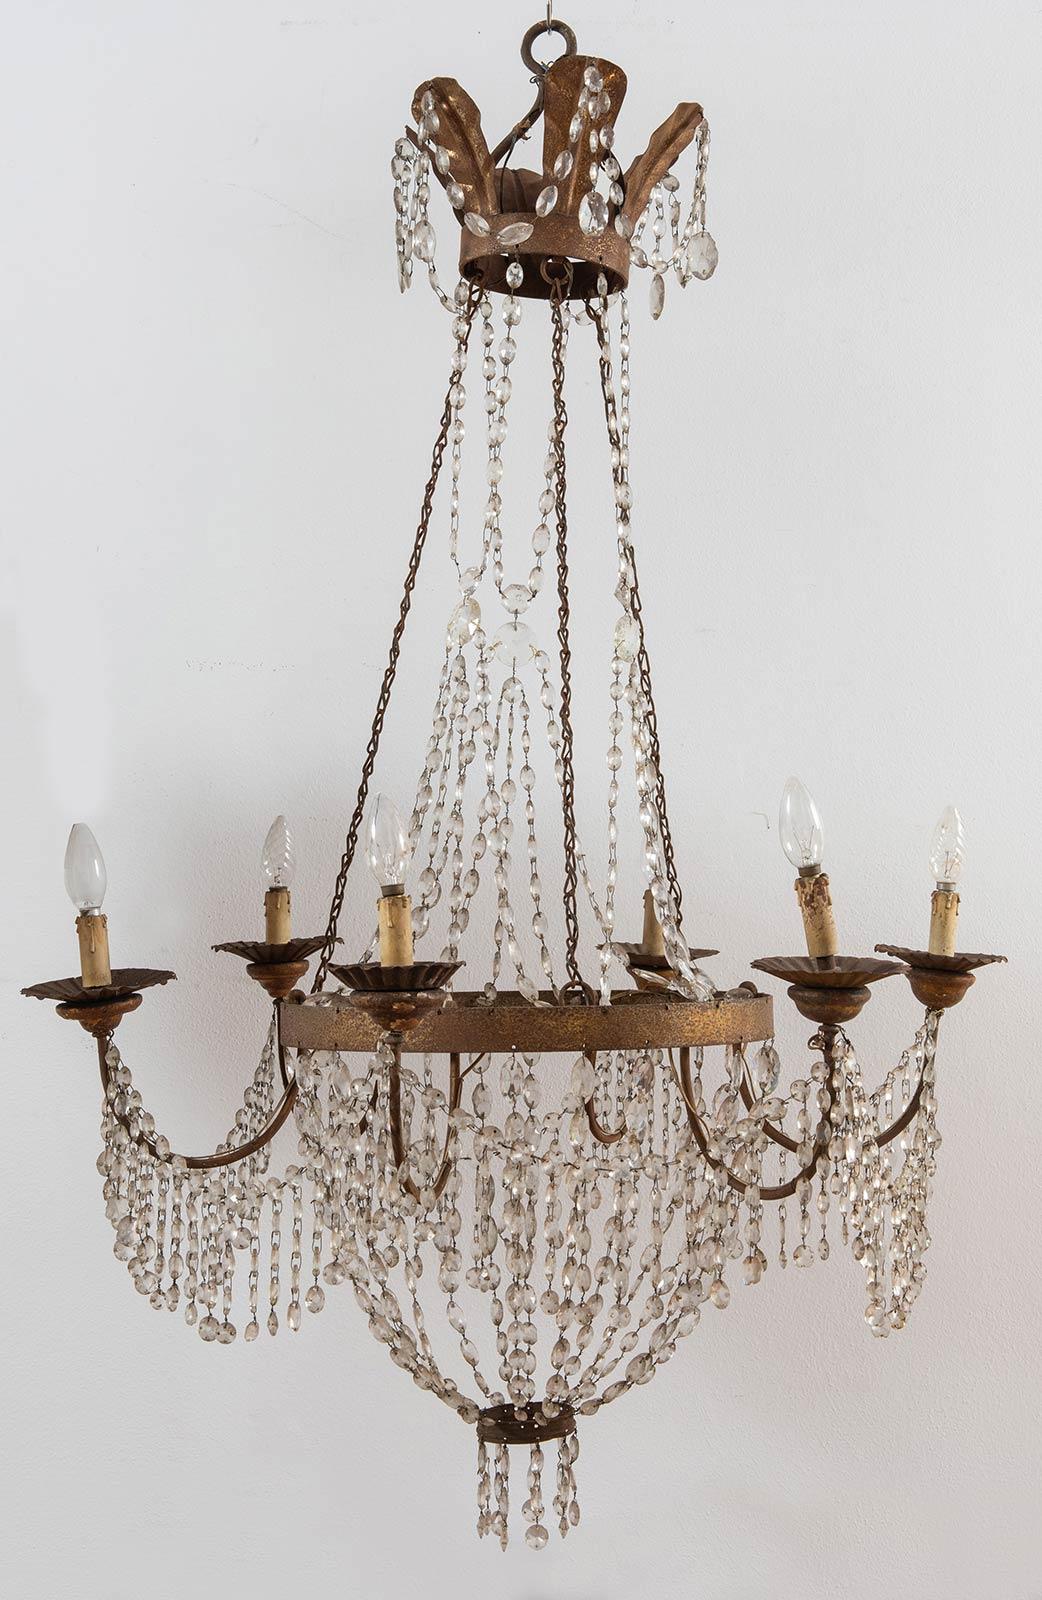 Lampadario con gocce di cristallo a sei luci, XIX sec.